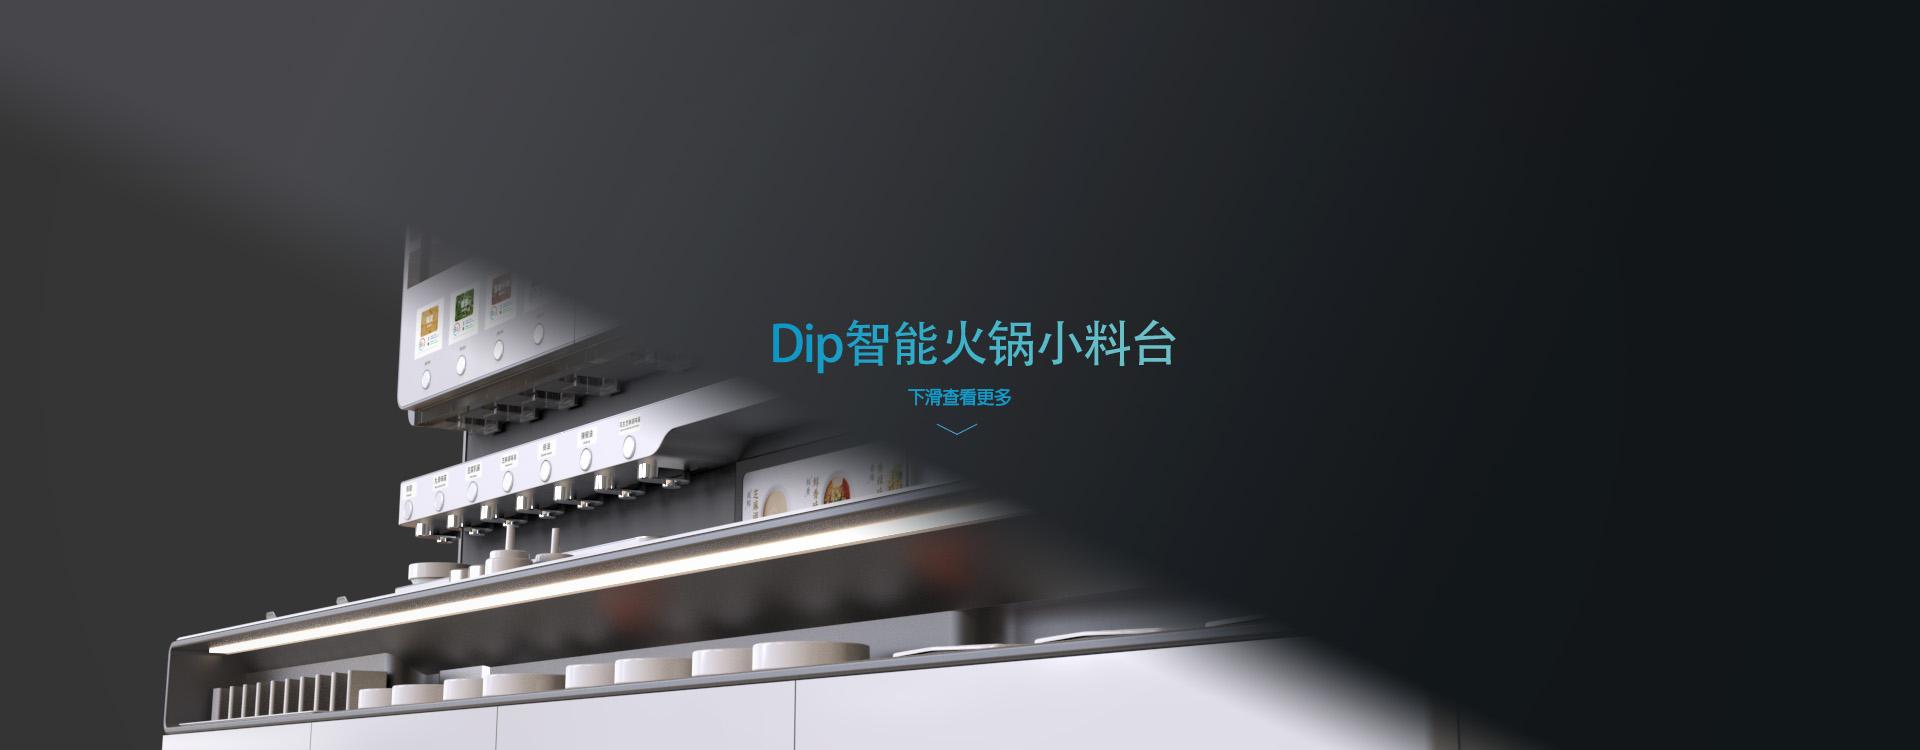 小料台banner4-2